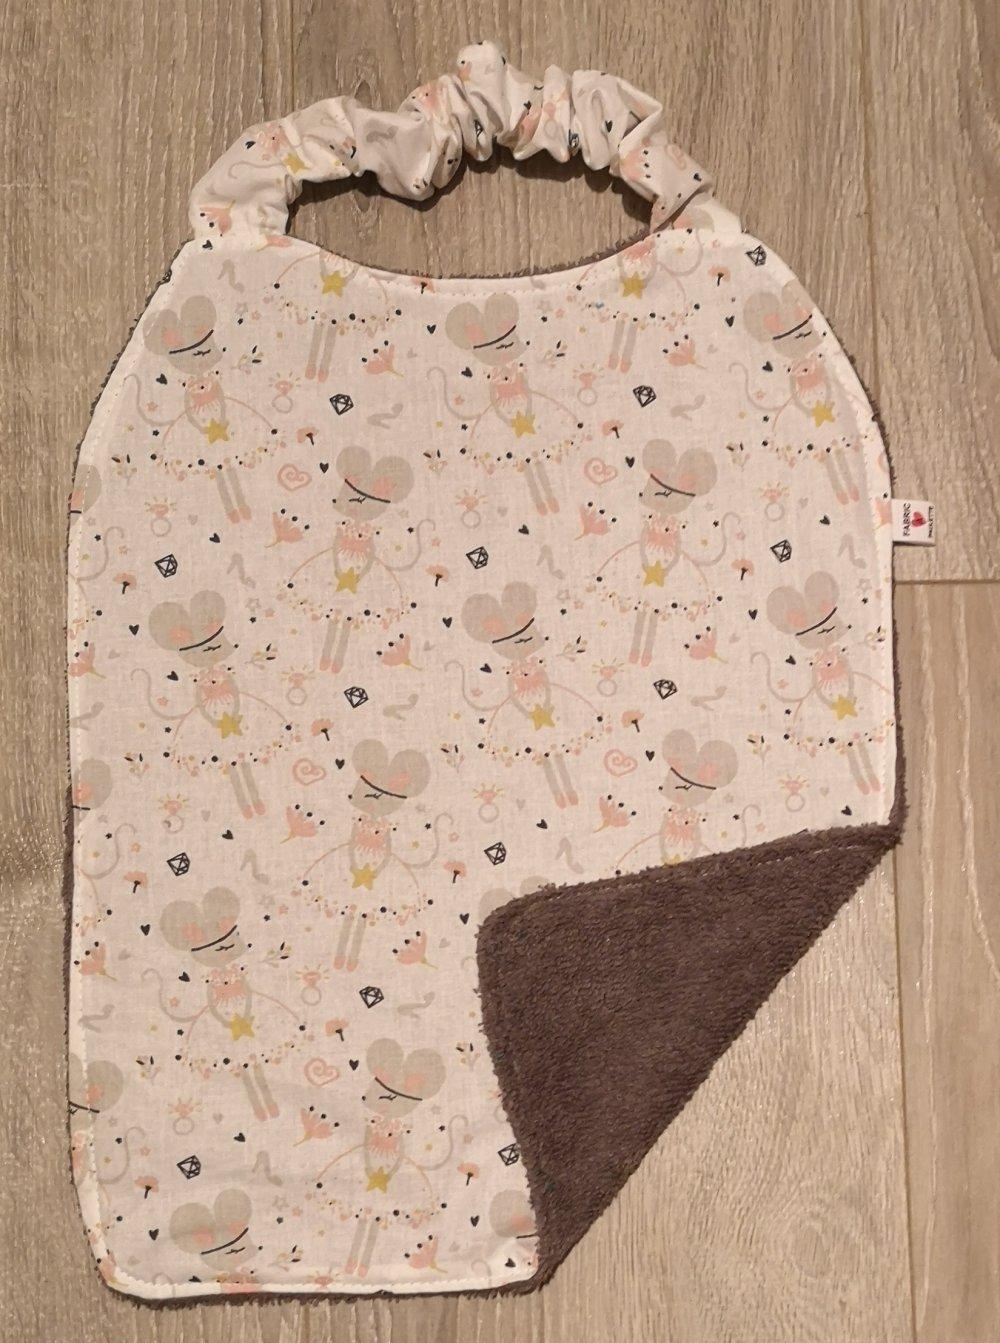 Serviette elastiquée, serviette de cantine